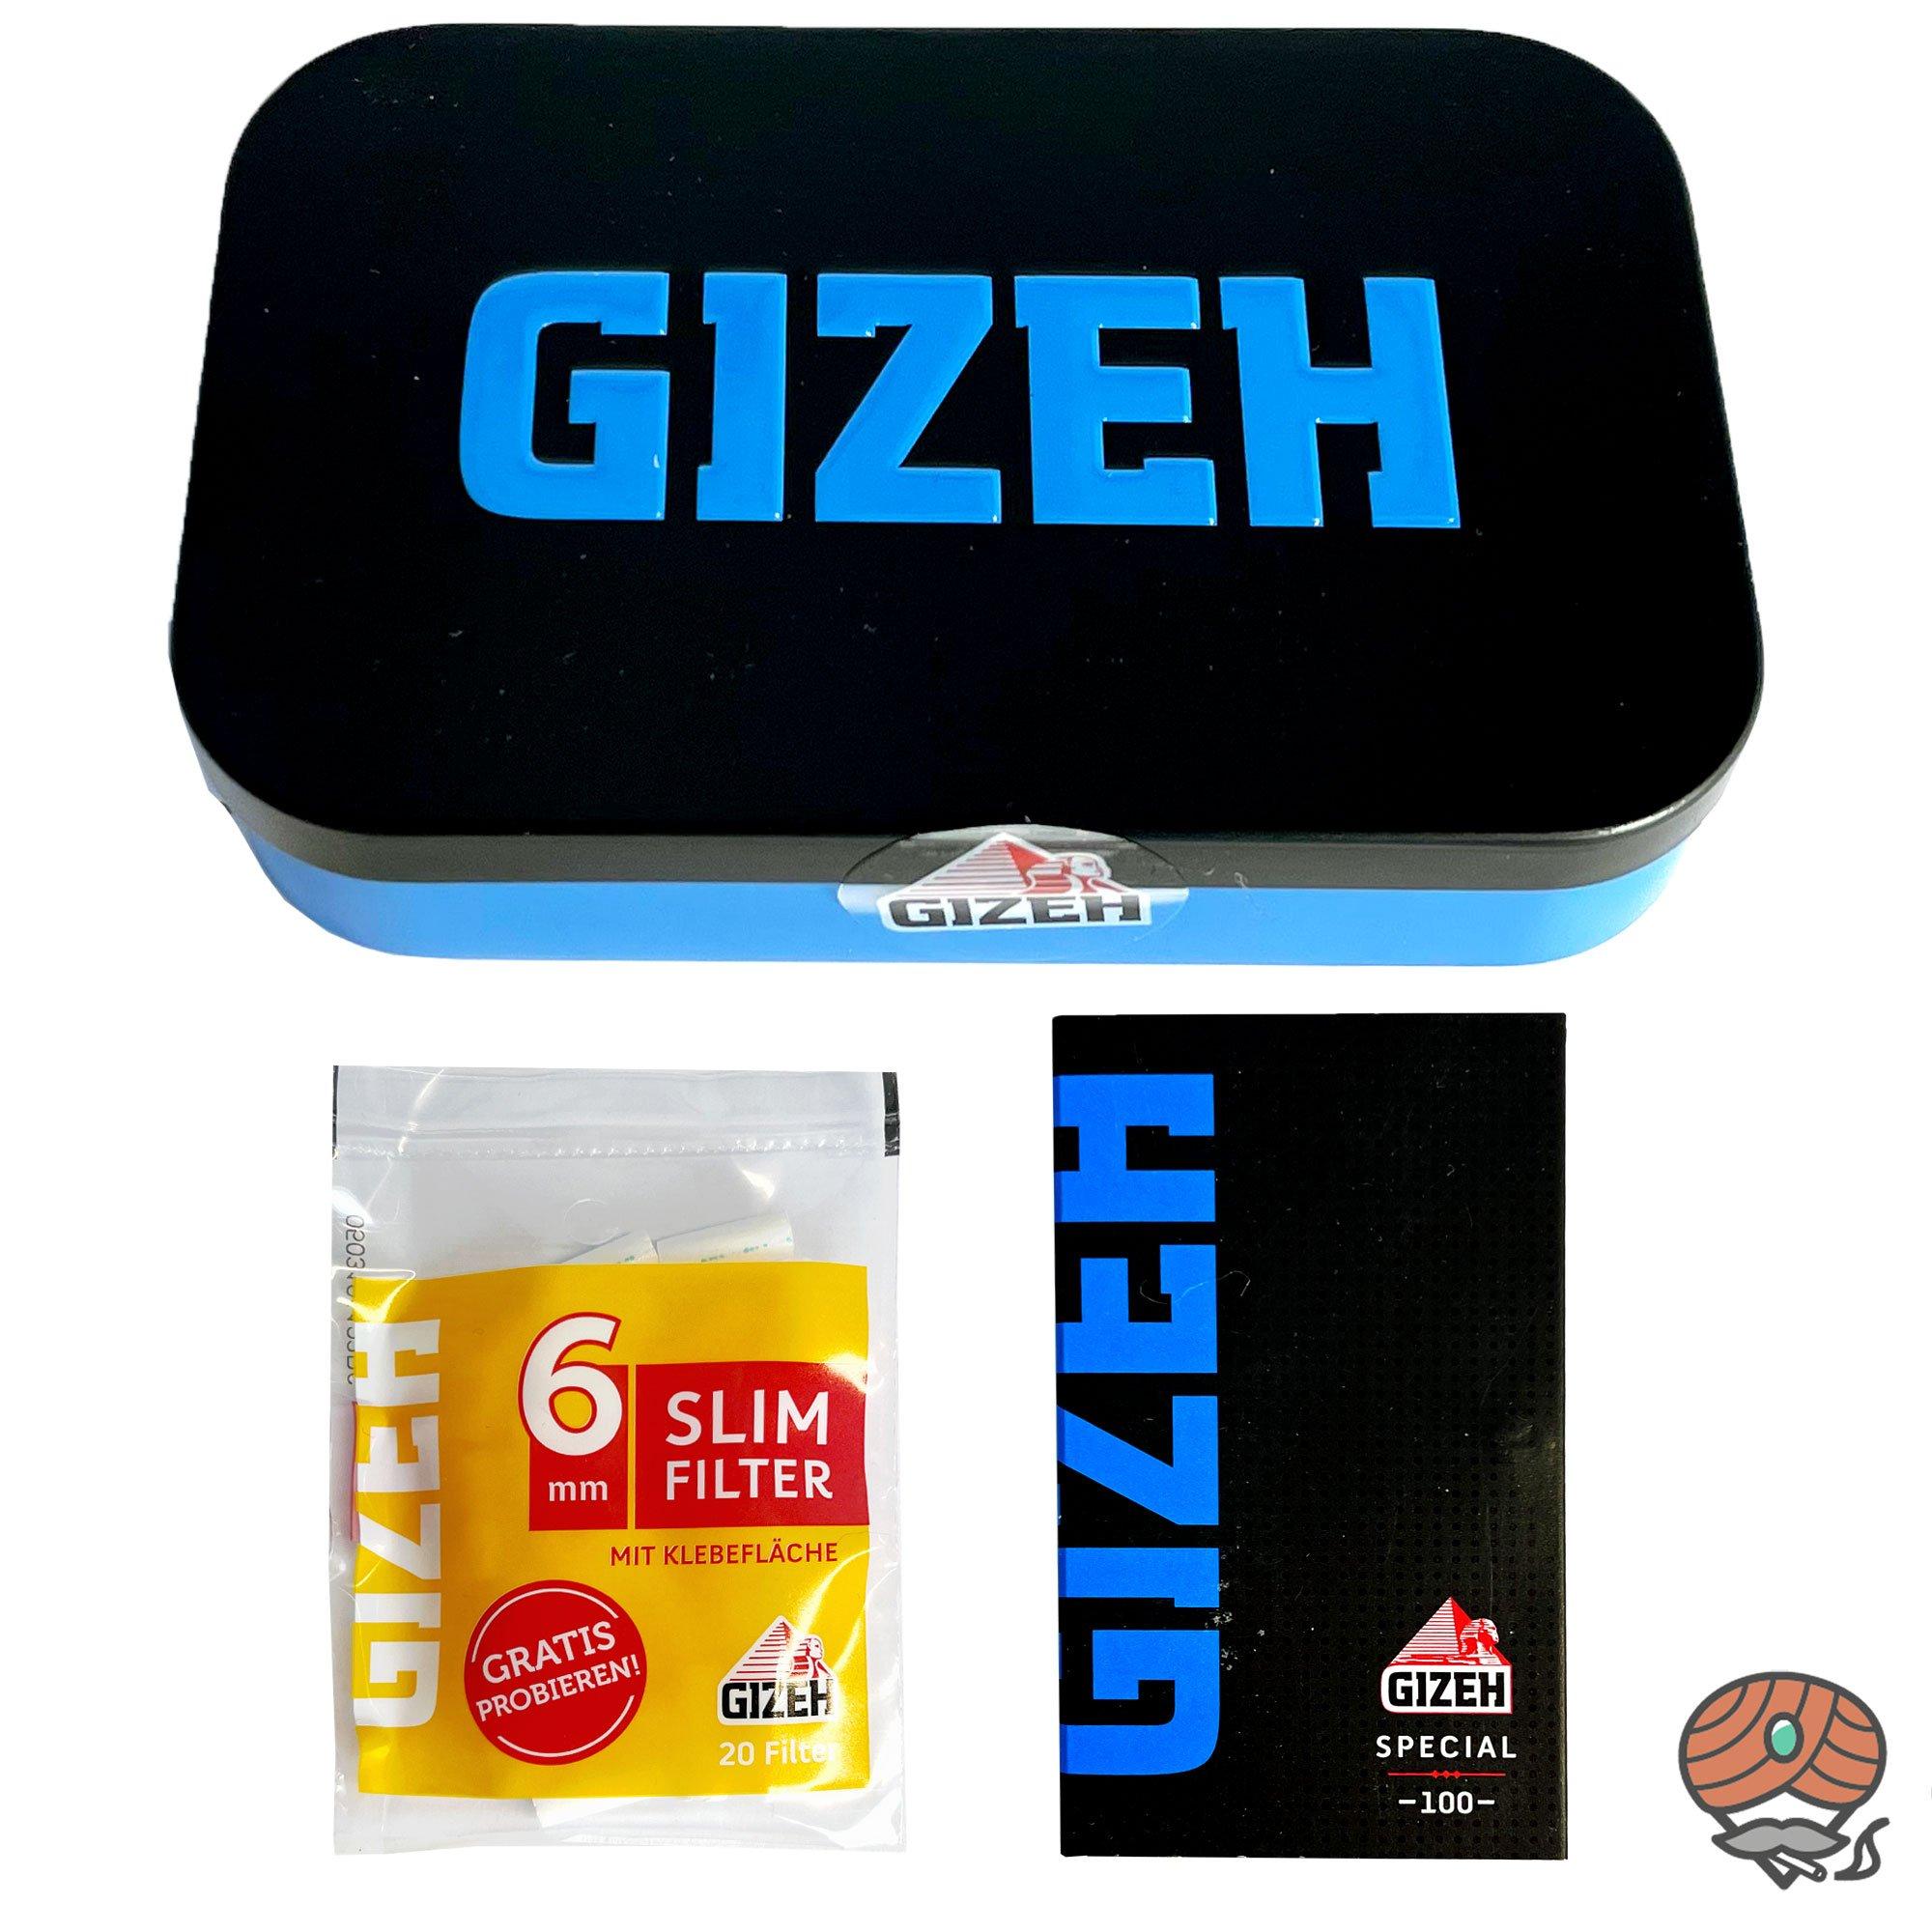 Gizeh Metallbox / Testbox  + Black Magnet Blau / Spezial Blättchen und Slimfilter